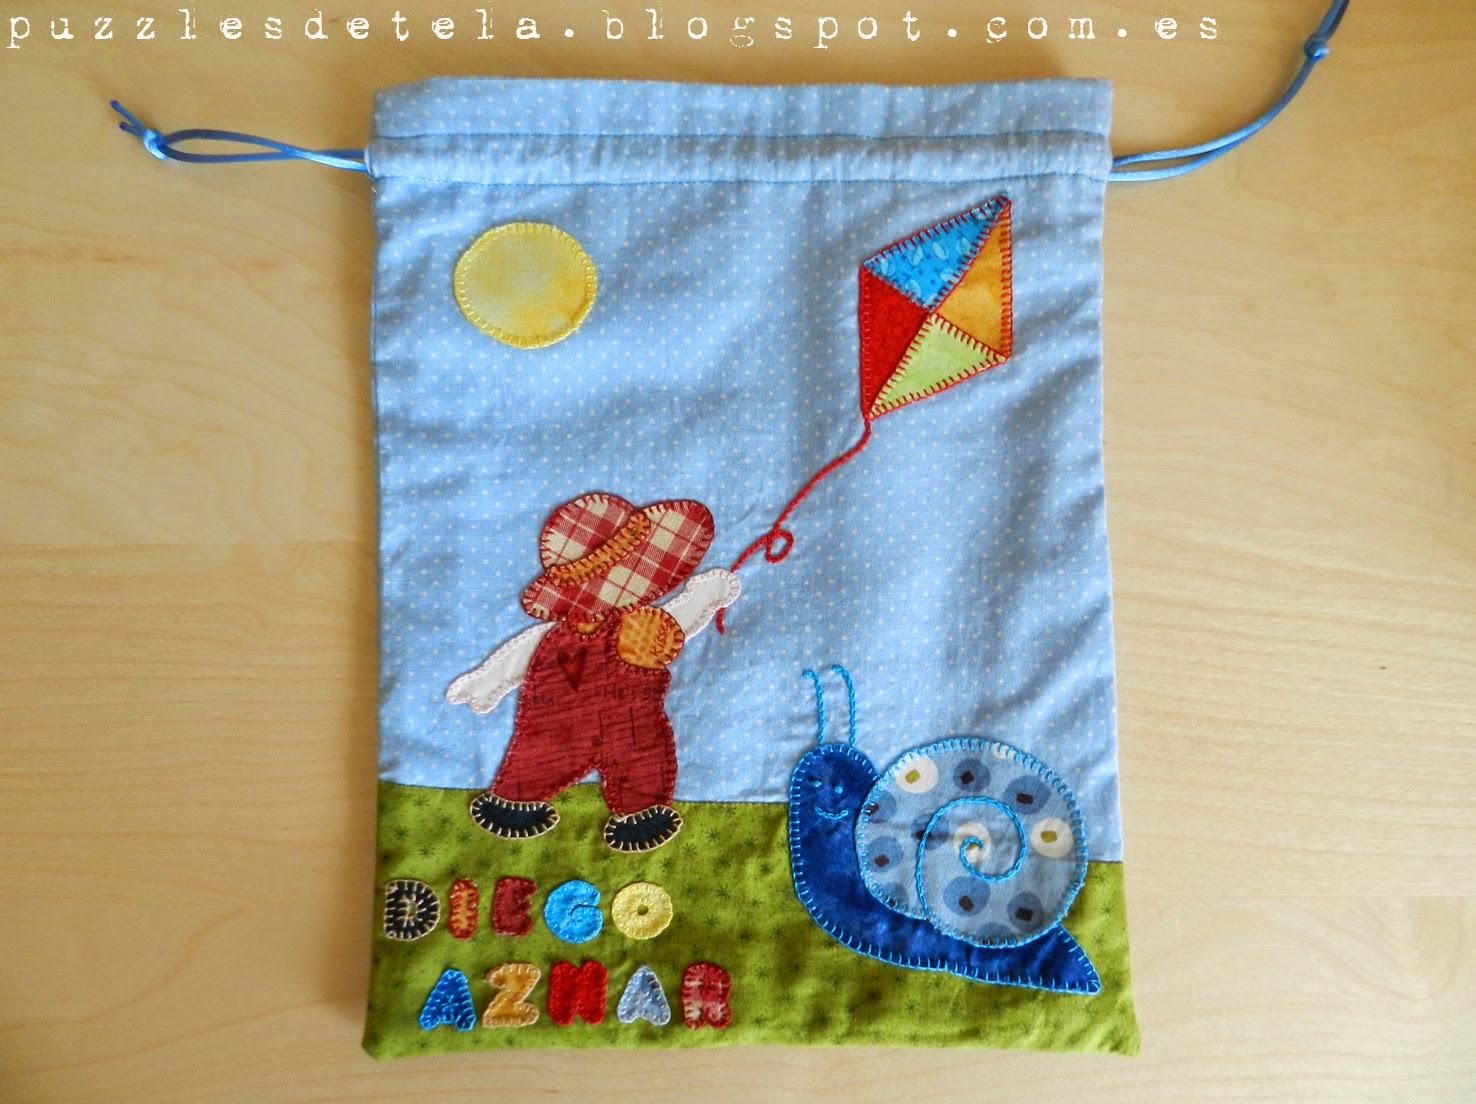 Creativa, Patchwork, bolsa para el almuerzo, bolsa para la merienda, regalos, ideas para regalar, patchwork para niños, caracol, bolsa patchwork